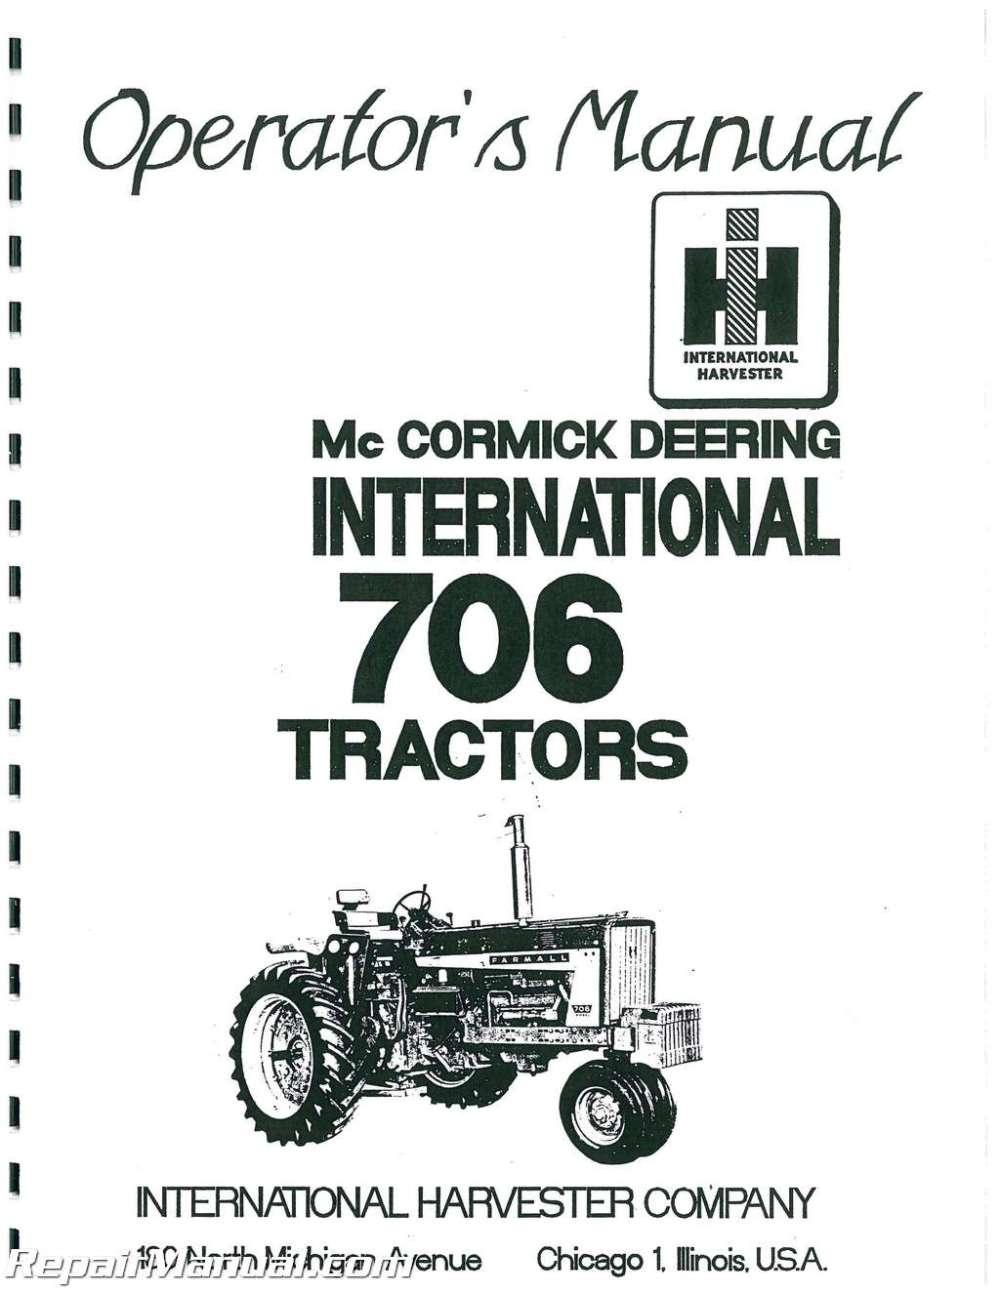 medium resolution of farmall 706 diesel tractor wiring diagram 14 9 kenmo lp de u2022wiring diagram for farmall